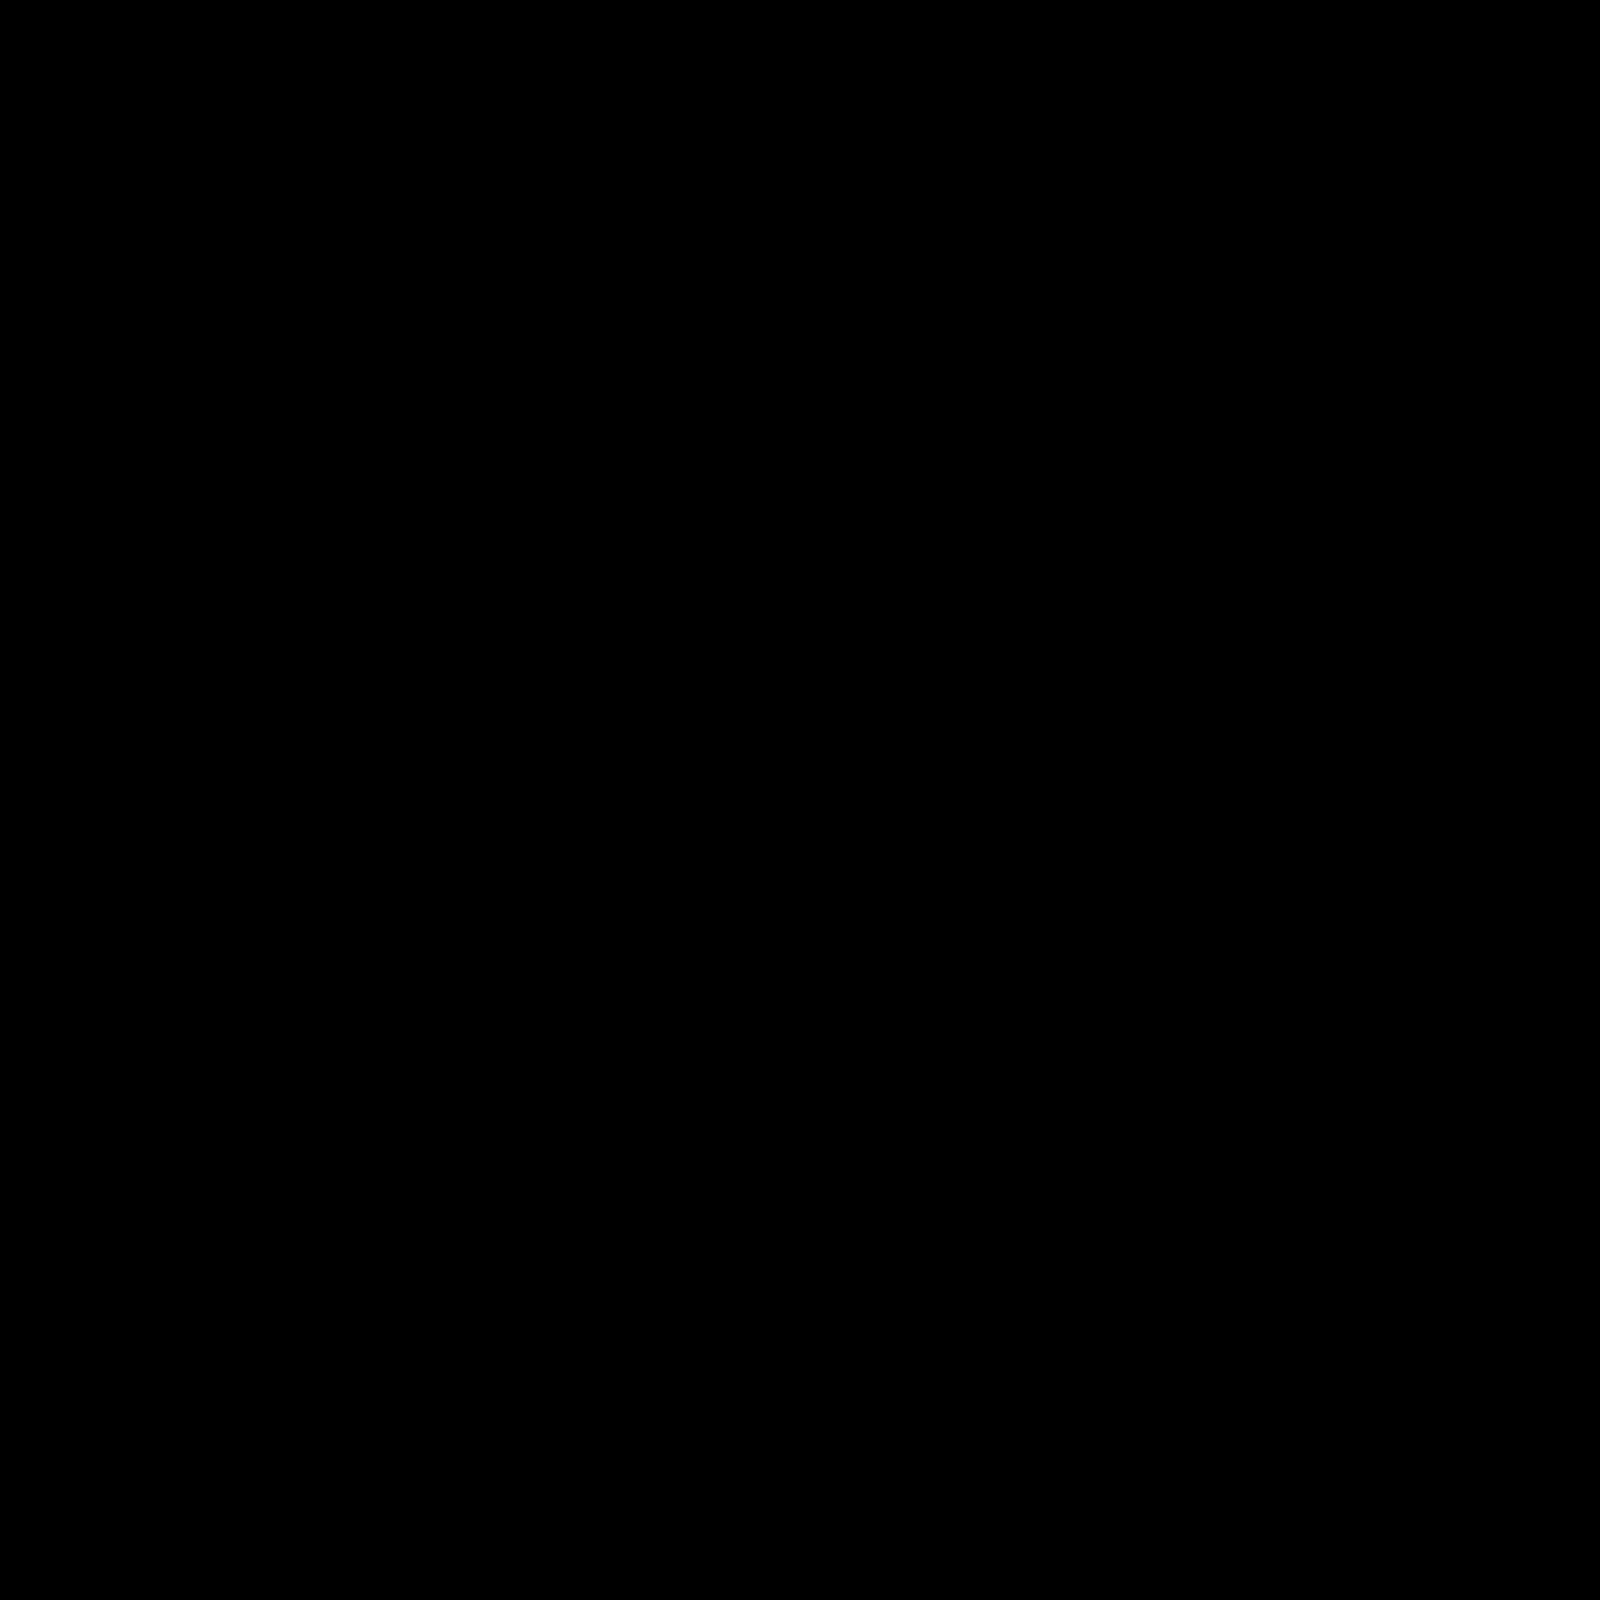 8 Key icon